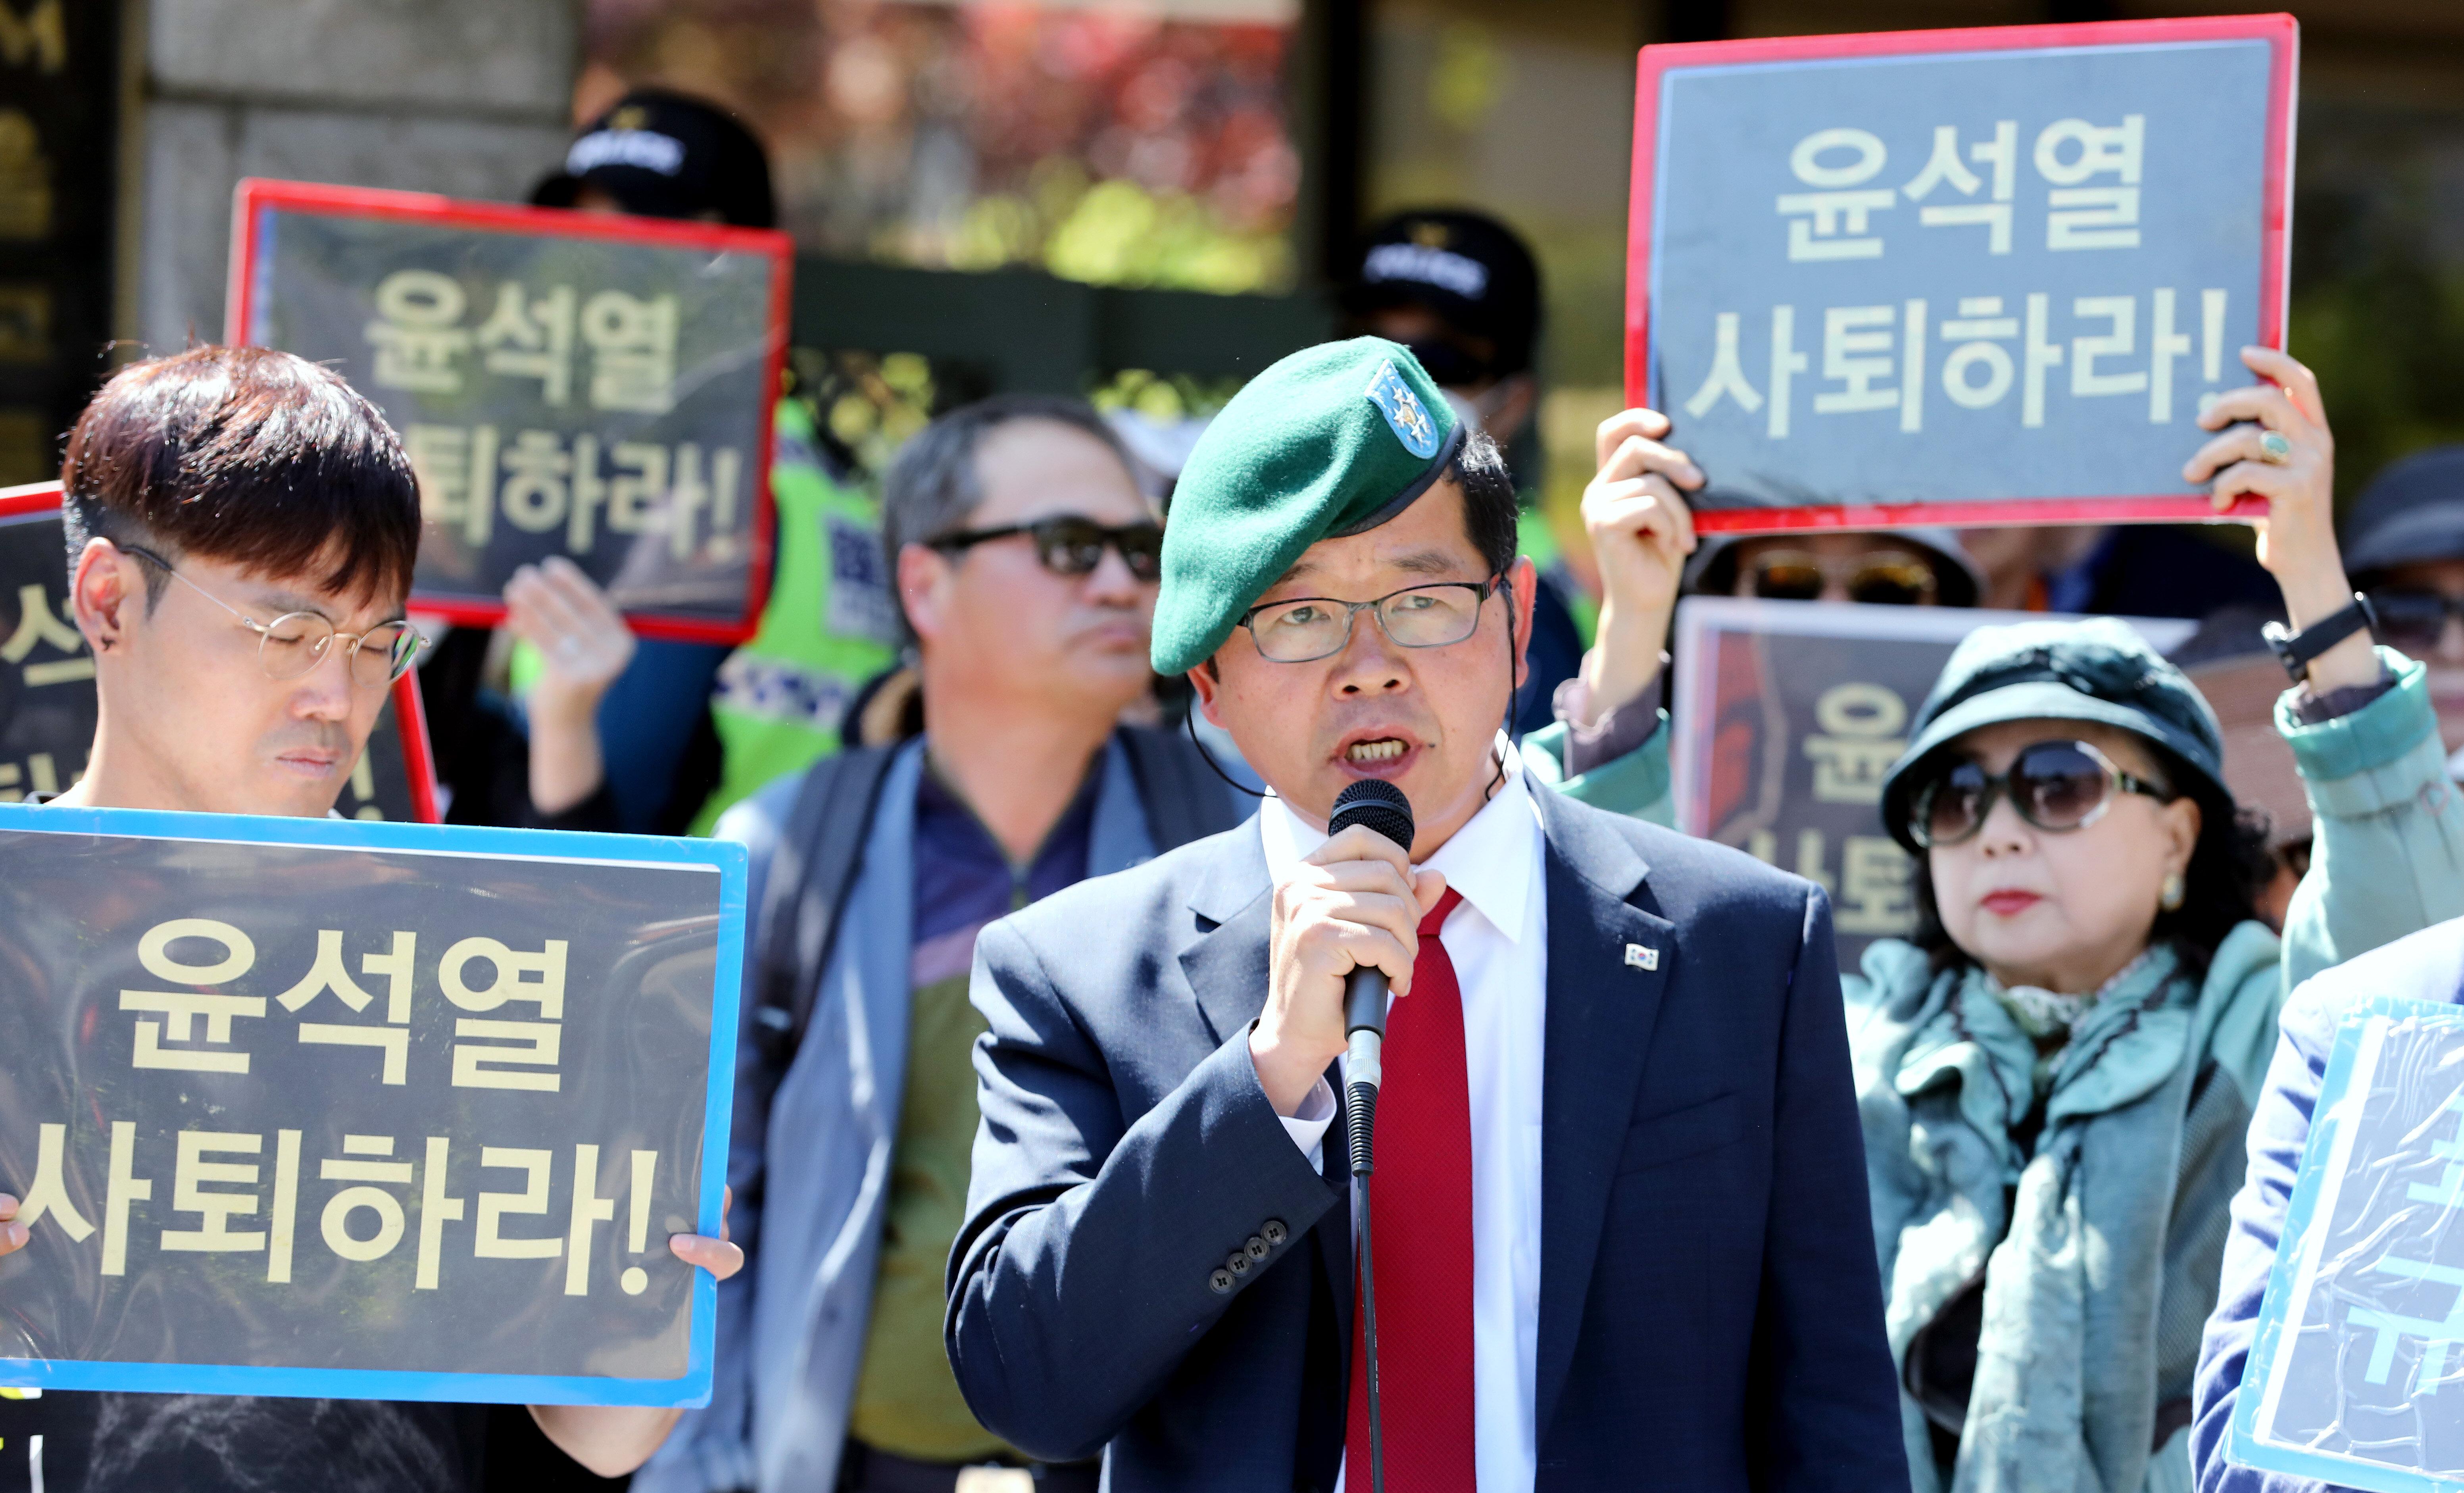 '윤석열 협박' 유튜버 김상진씨가 검찰의 소환조사를